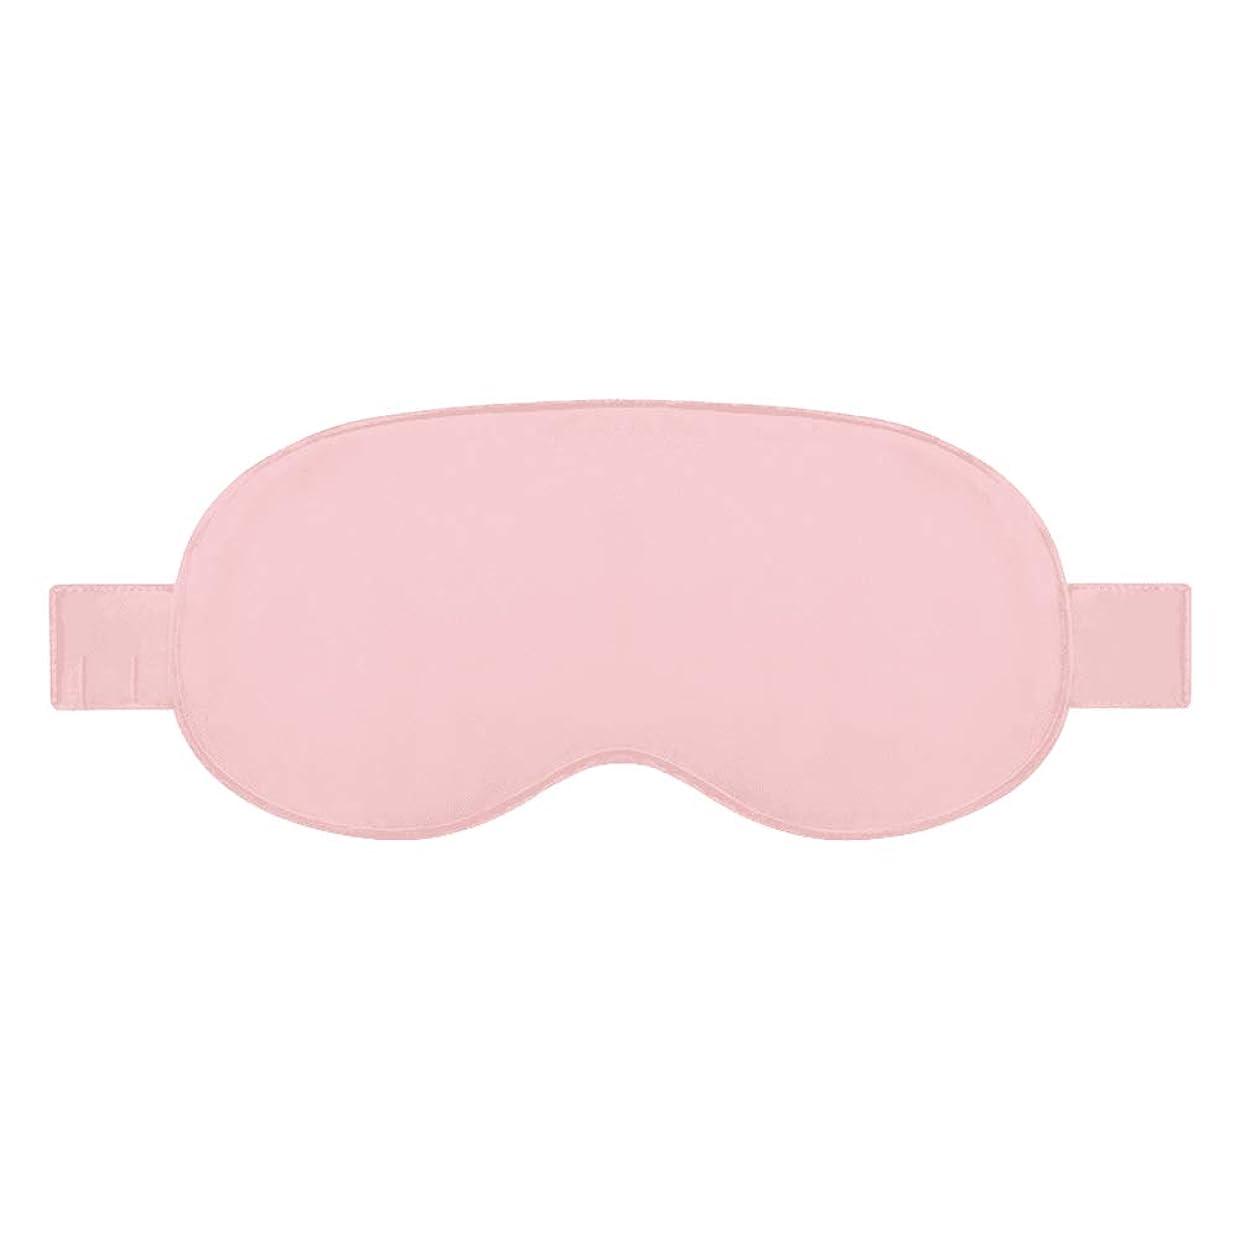 エイリアスセンチメートル壁紙NOTE PMA E10ヒーティングアイマスクグラフェンシルクアイドシェードアイマスクアイパッチマスク用旅行休息睡眠緩和疲労防止ストレス